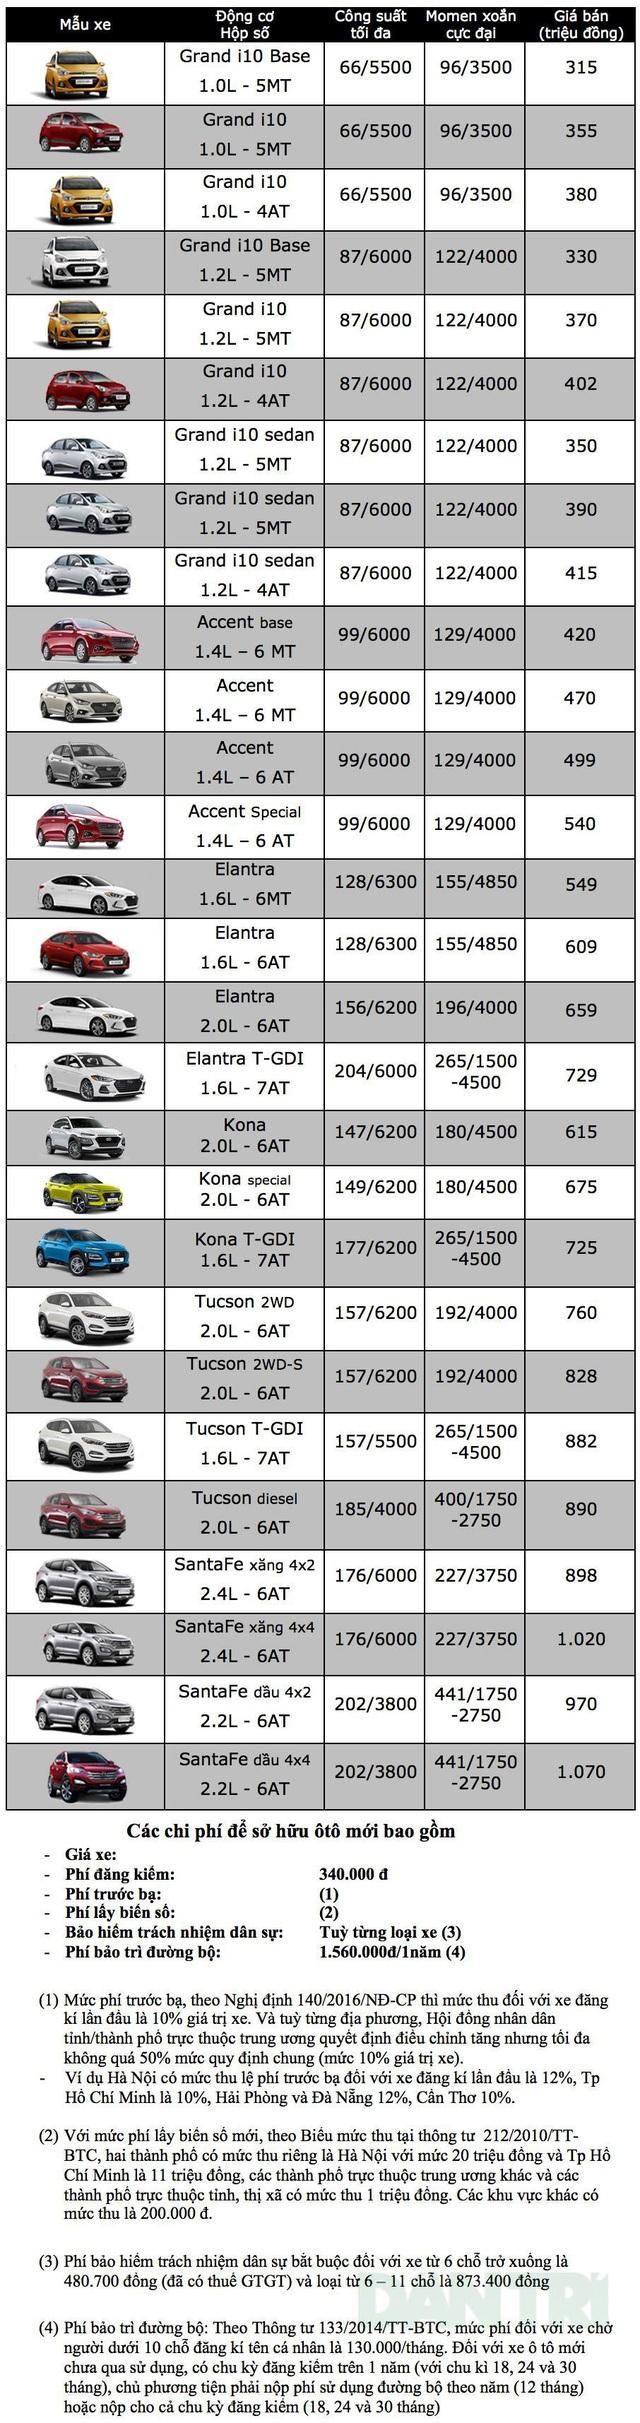 Bảng giá xe Hyundai tại Việt Nam cập nhật tháng 9/2018 - 1